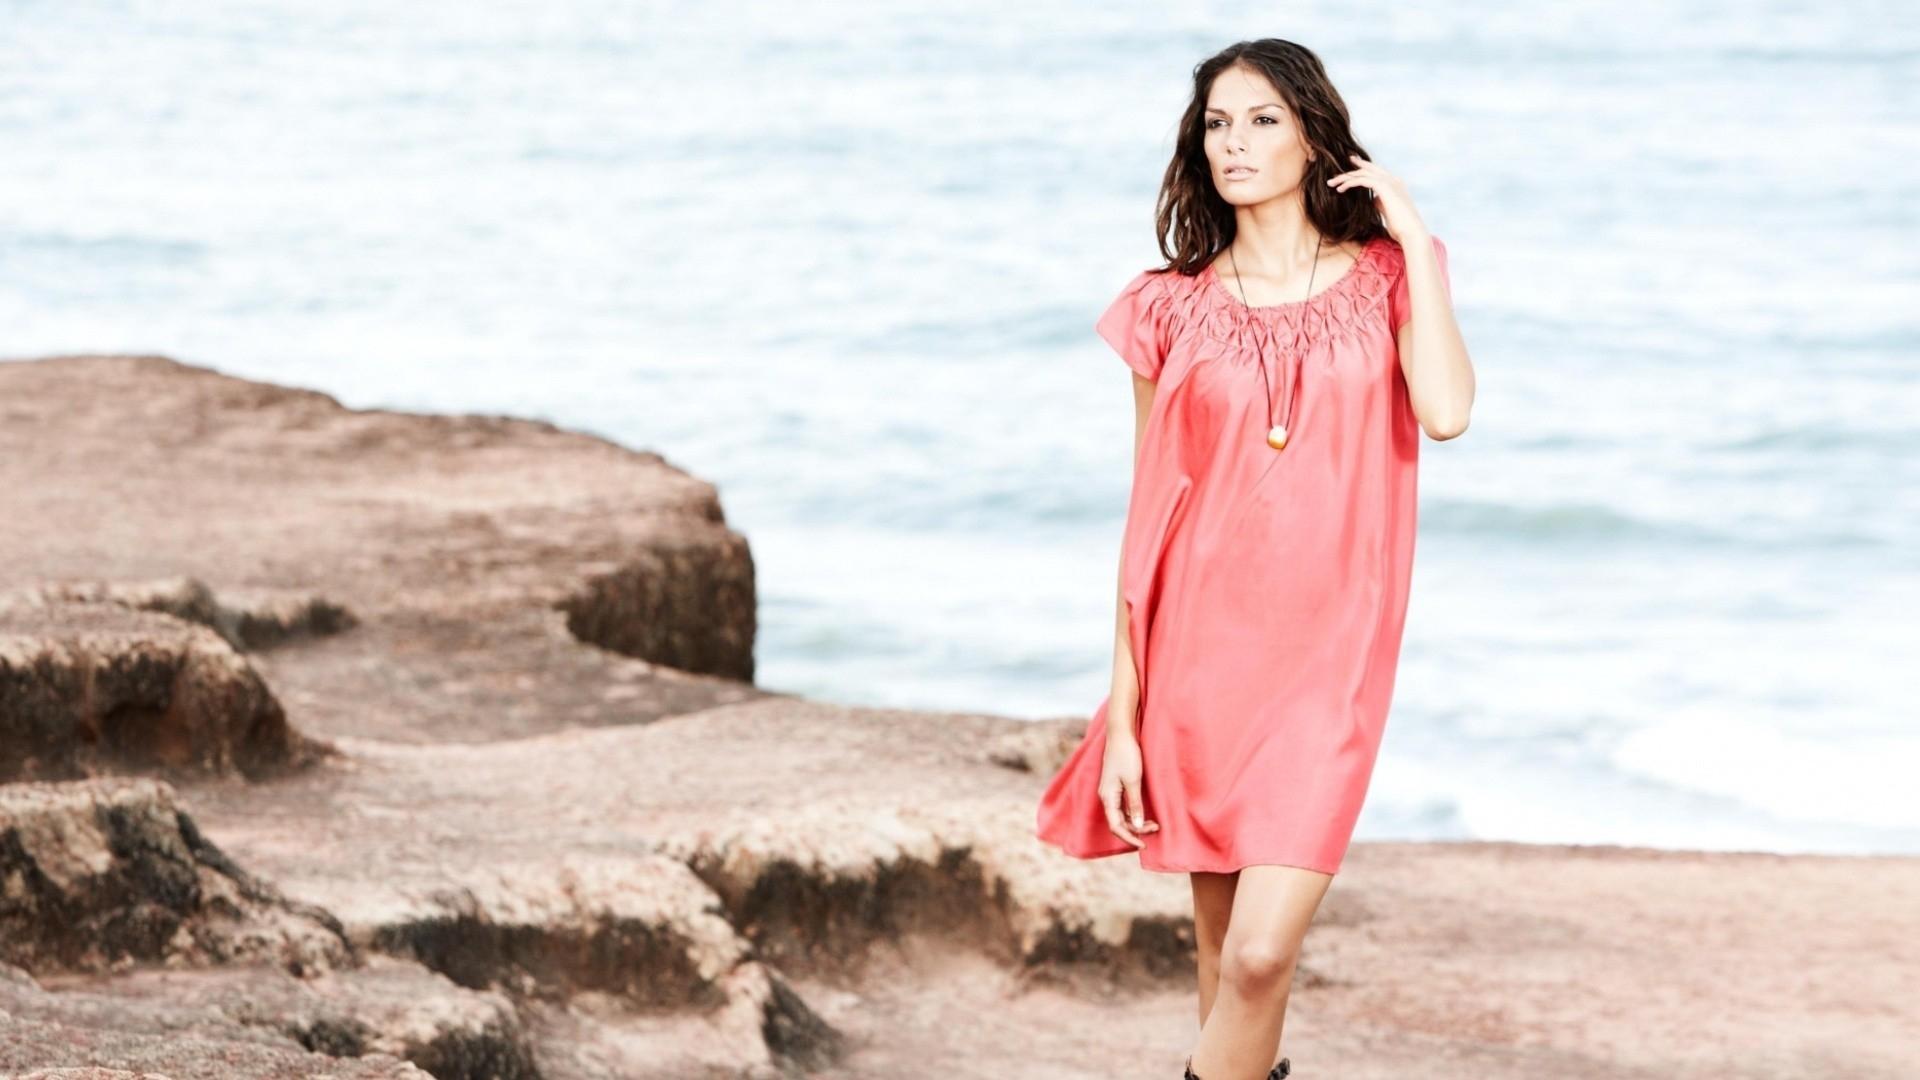 Wallpaper : sunlight, women, model, sea, sand, brunette